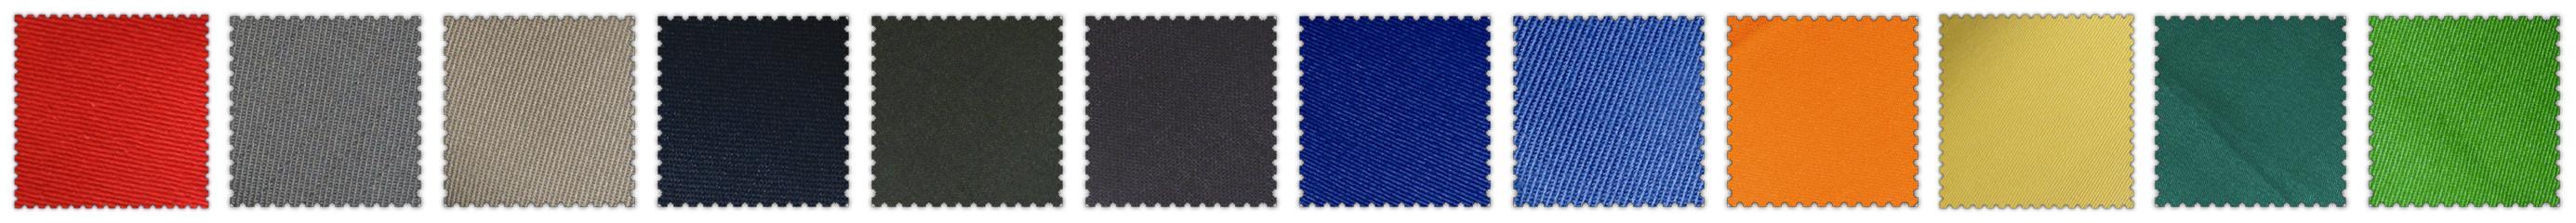 防紫外线面料颜色